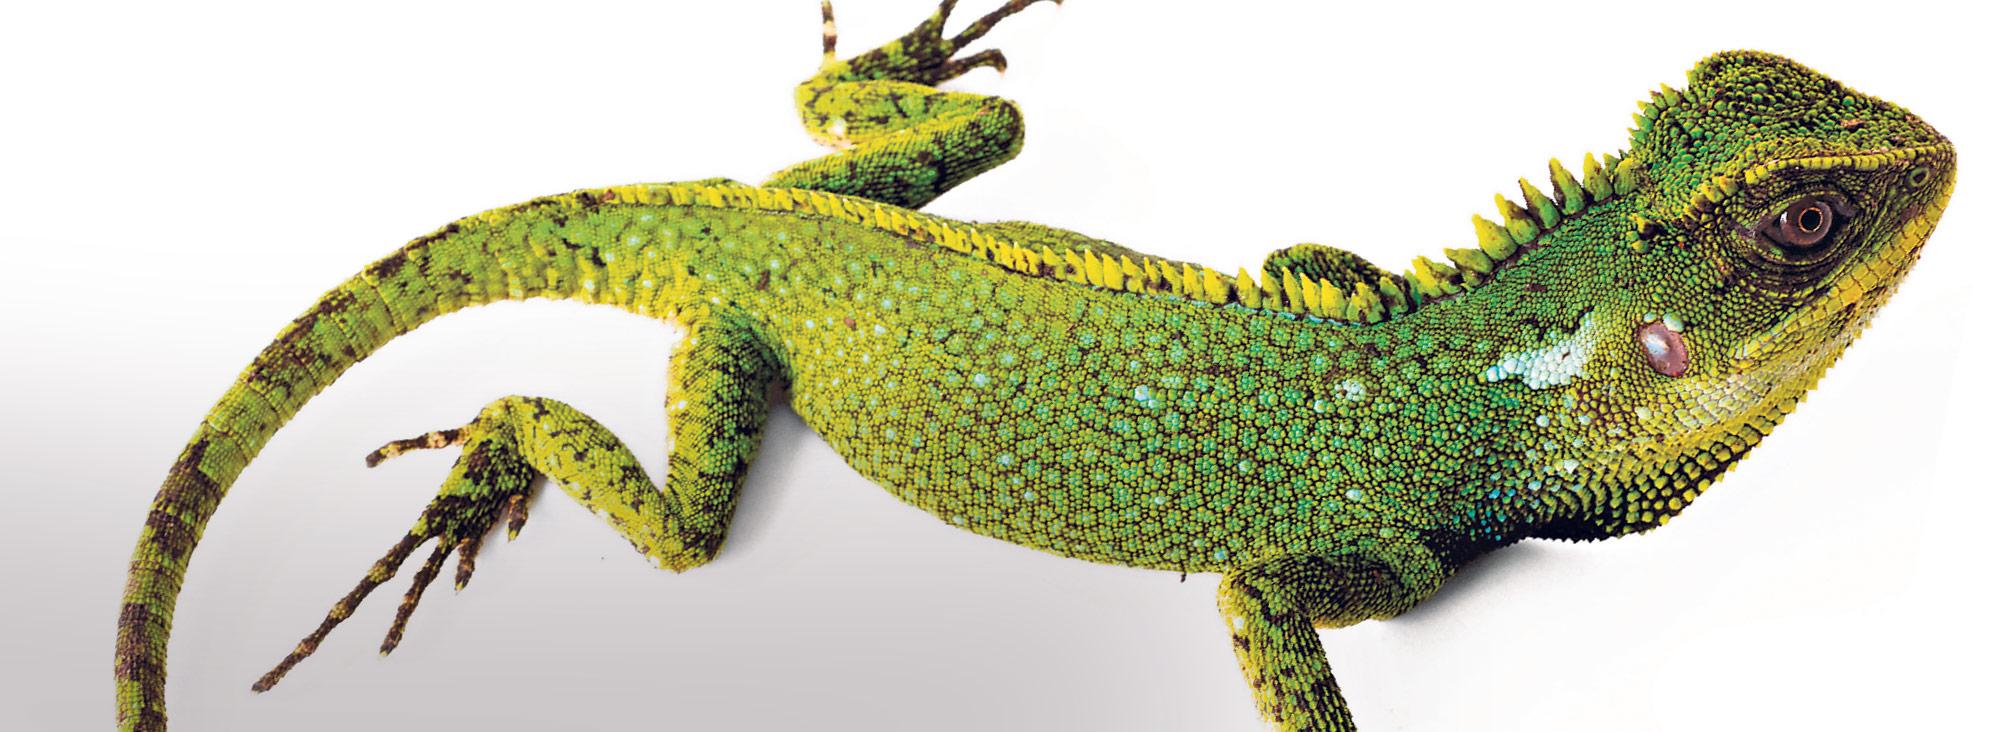 lagartos slider